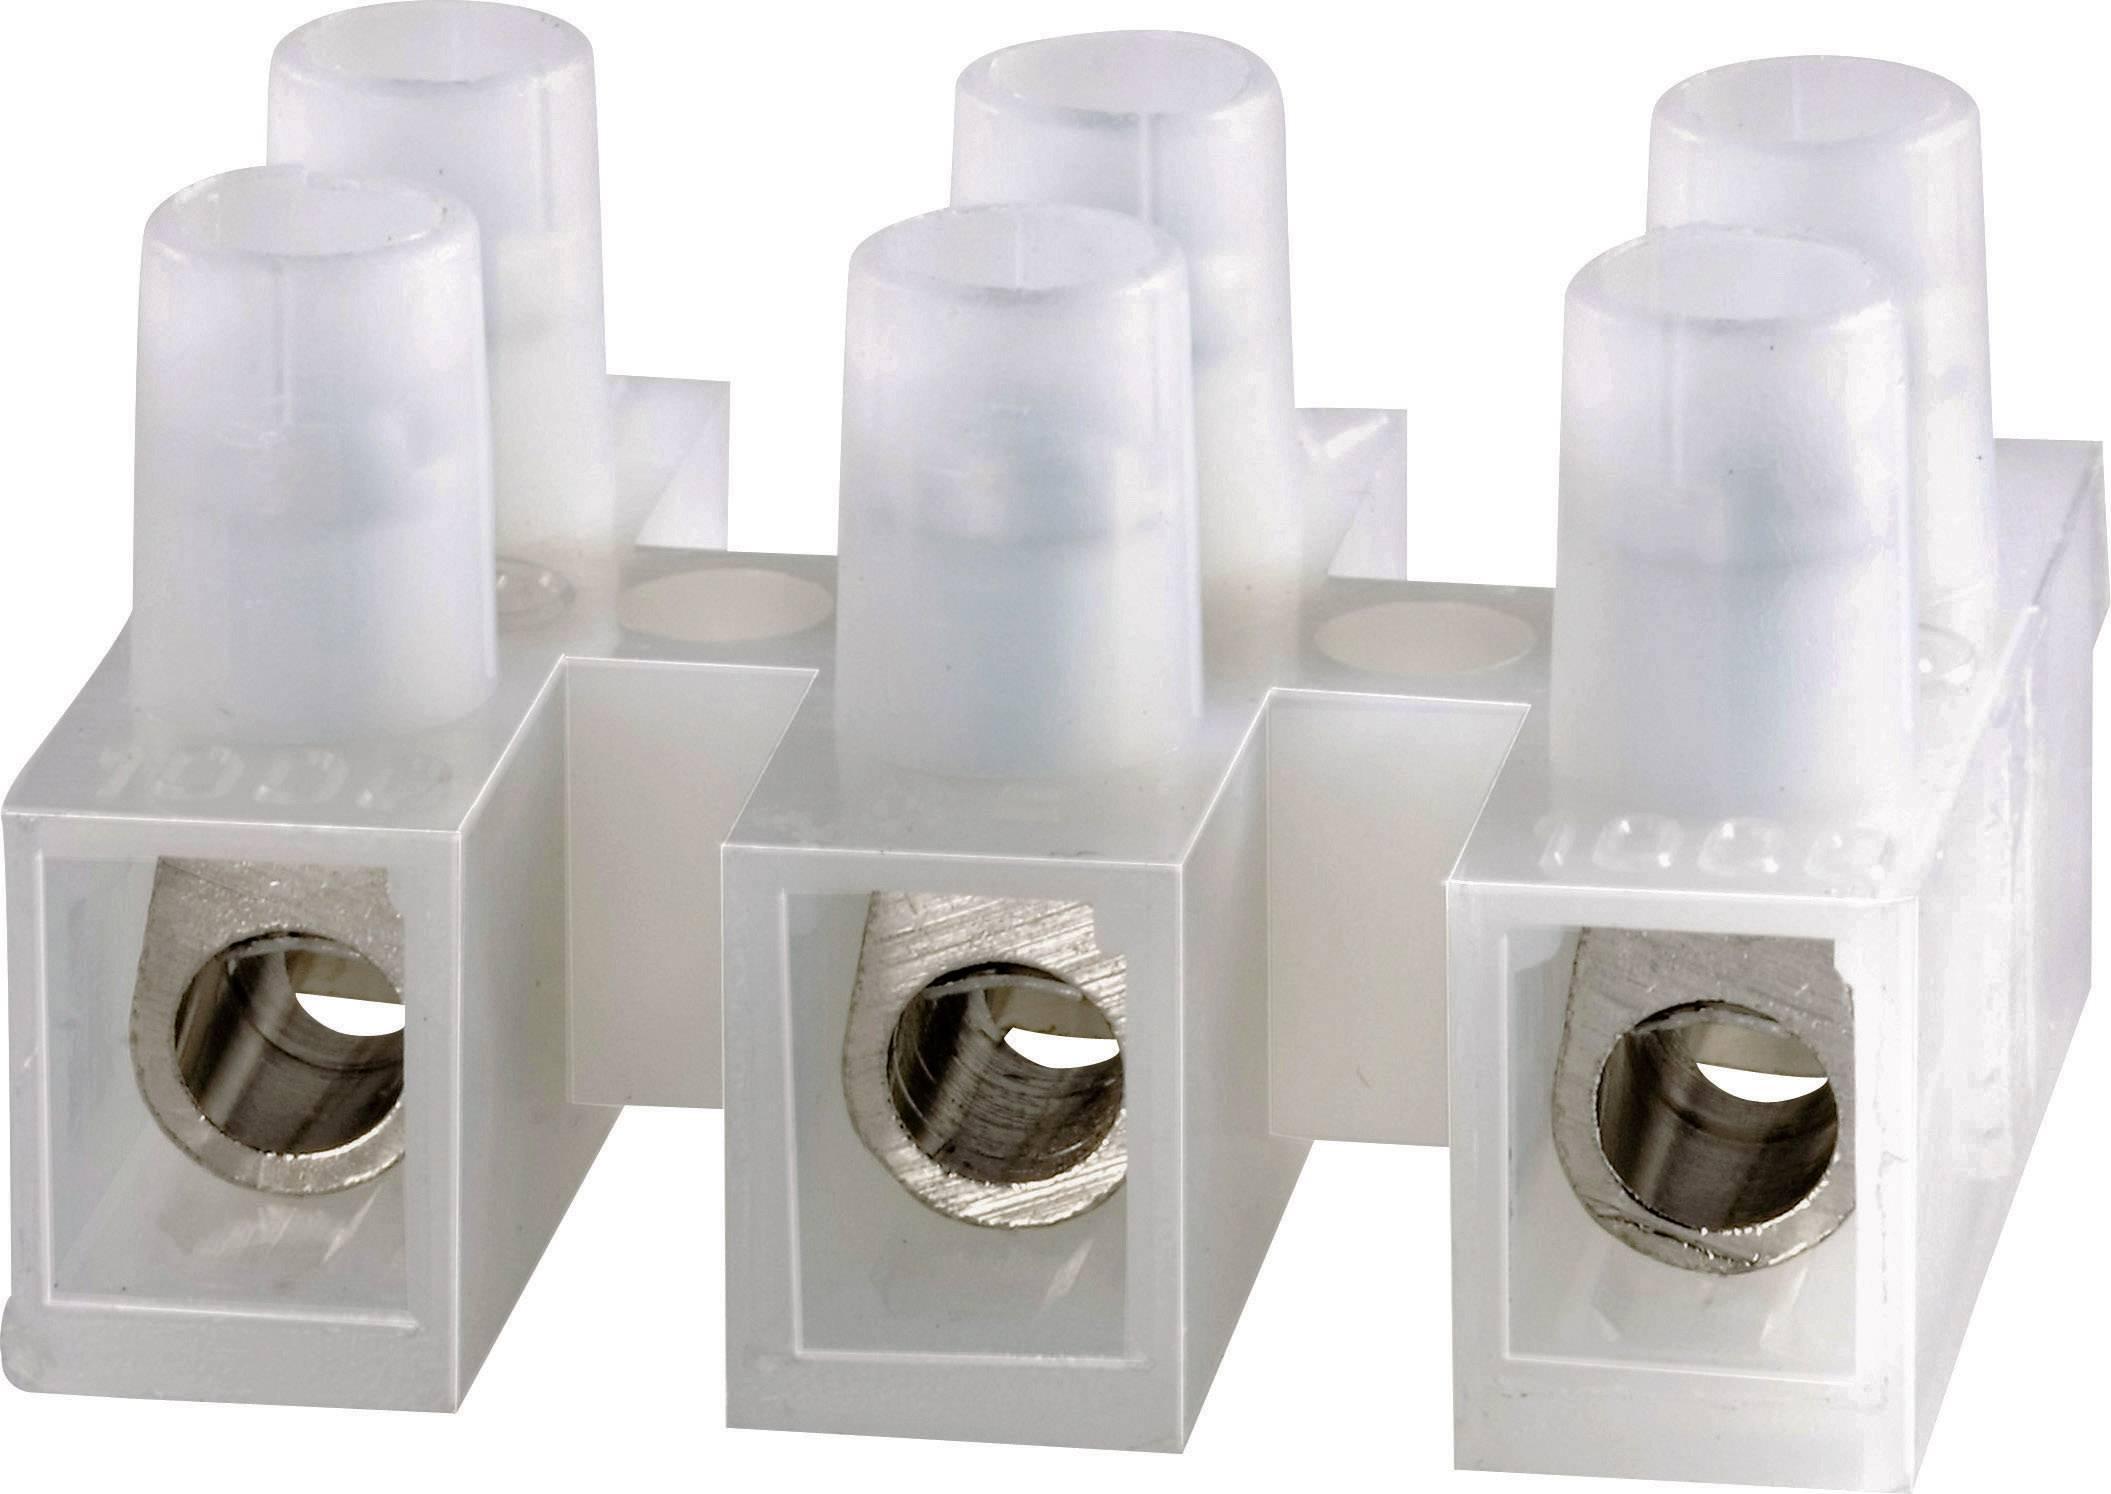 Svietidlové svorky Adels-Contact 500/335 na kábel s rozmerom -2.5 mm², pólů 3, 1 ks, prírodná